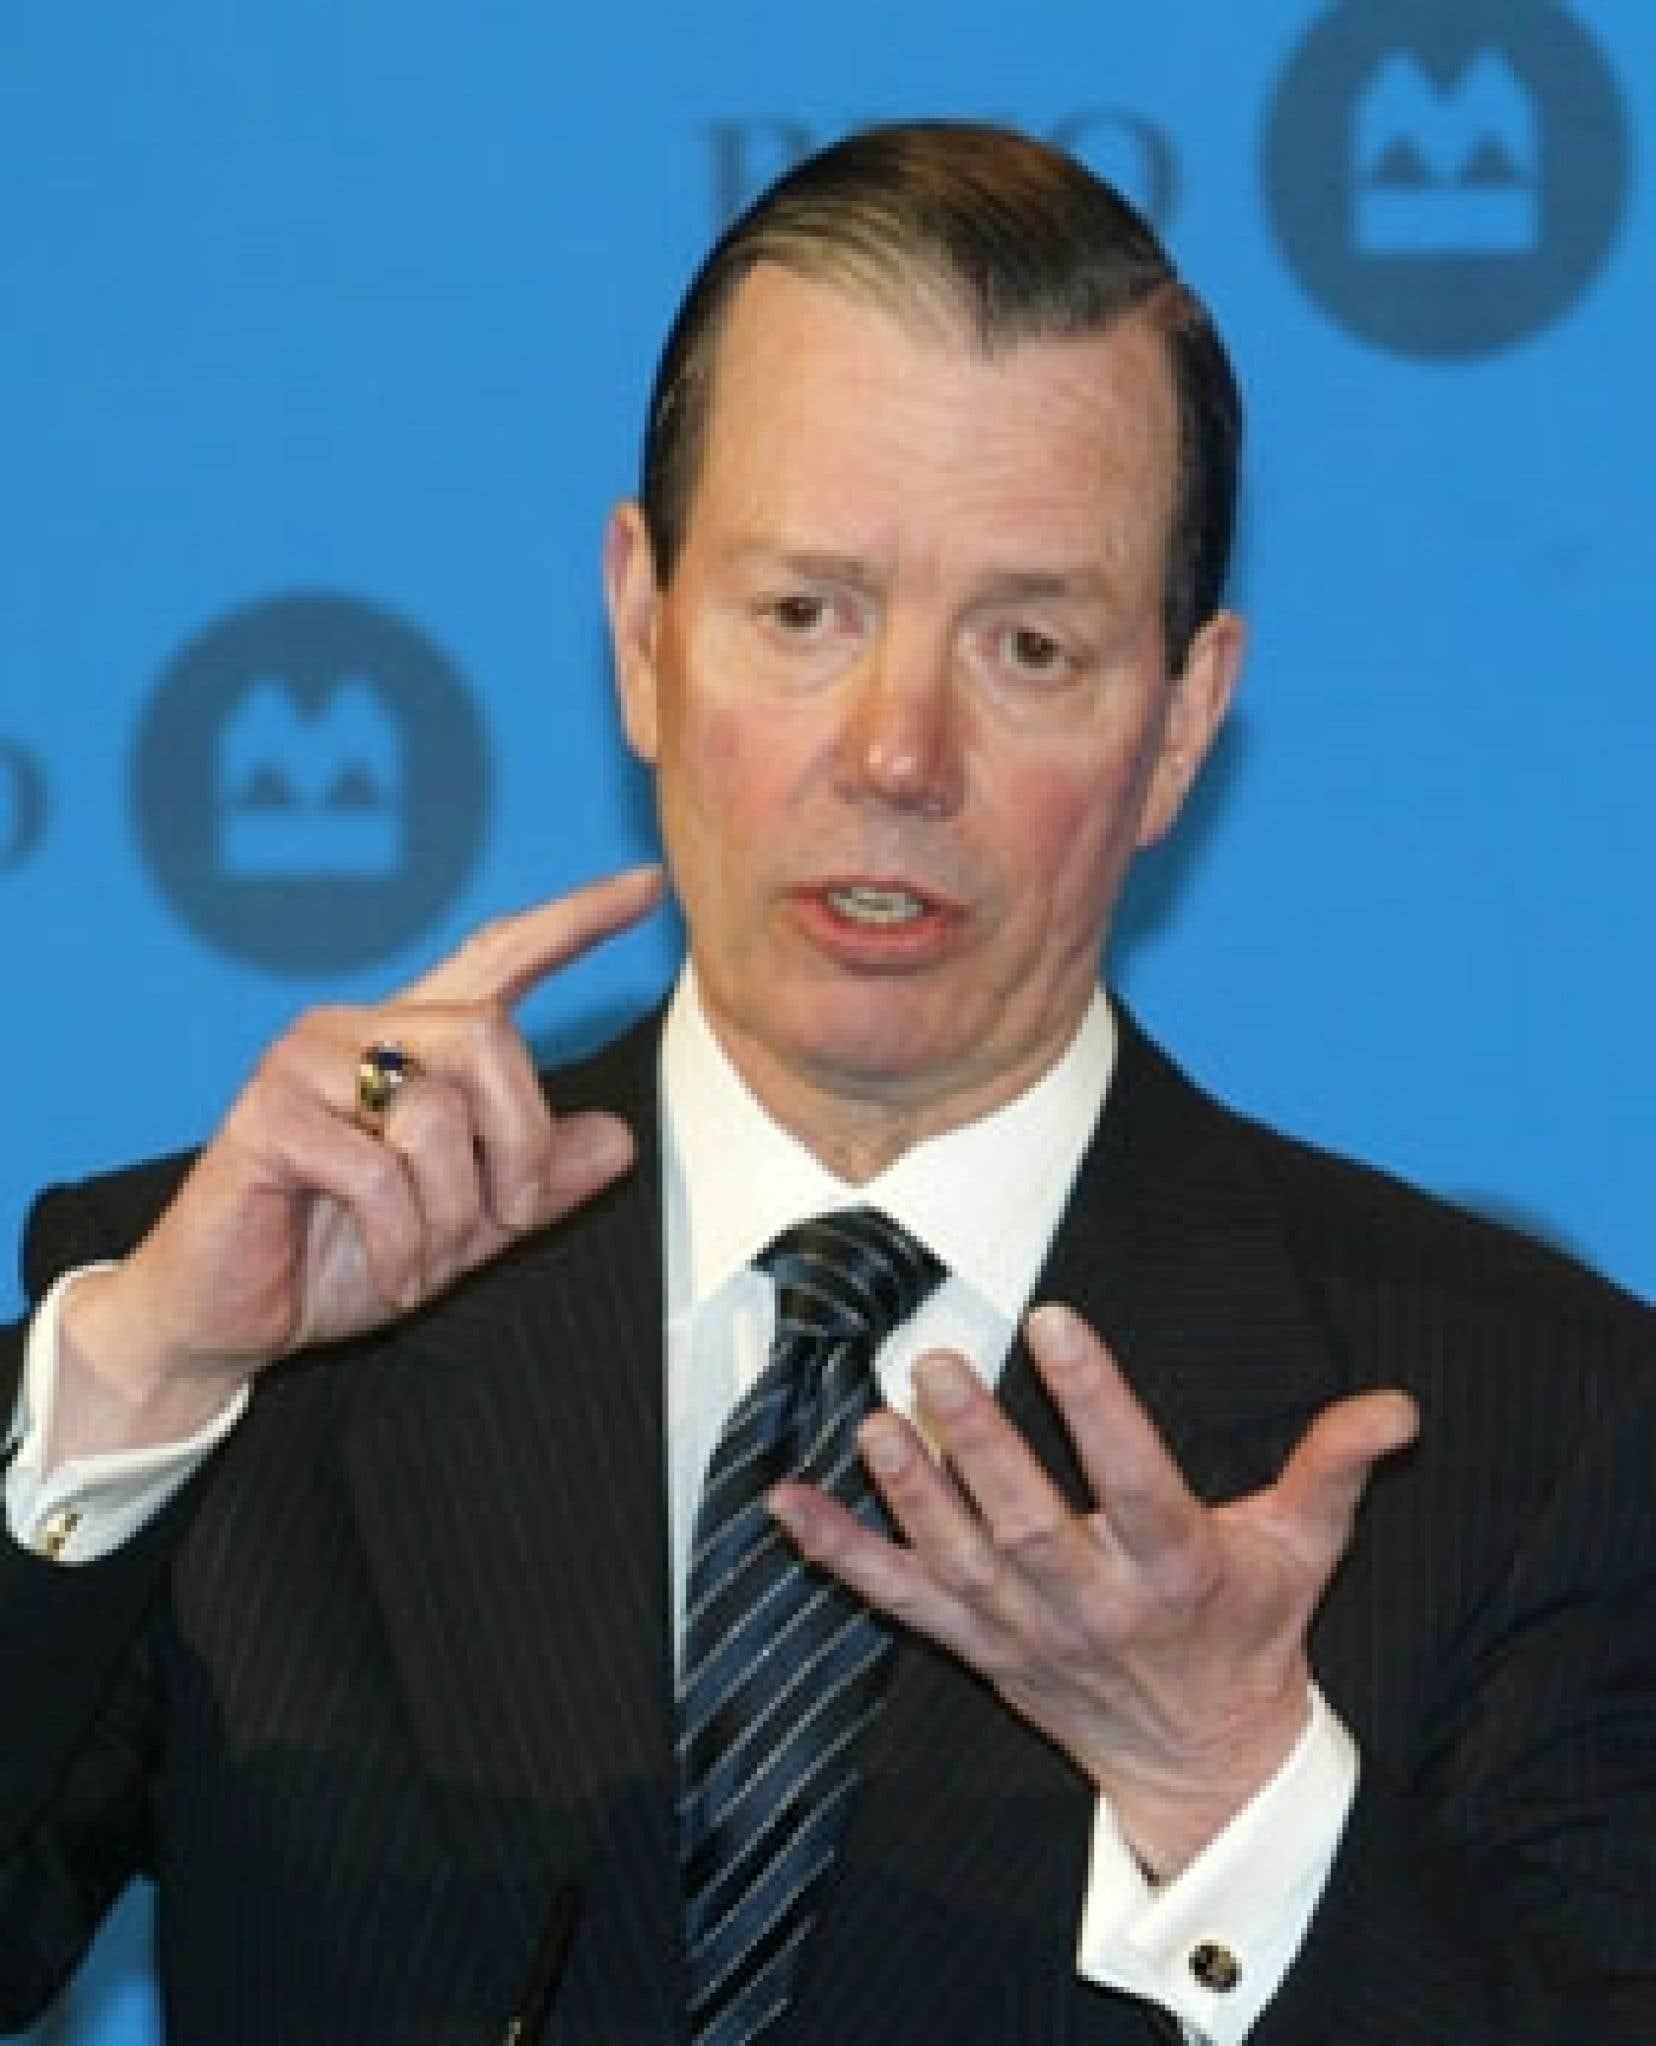 Le président et chef de la direction de BMO Groupe financier, Tony Comper, a annoncé que 1000 postes, soit environ 3 % des effectifs, seron abolis à la suite d'un examen de ses activités et de la façon dont le groupe soutient ses ventes et son ser